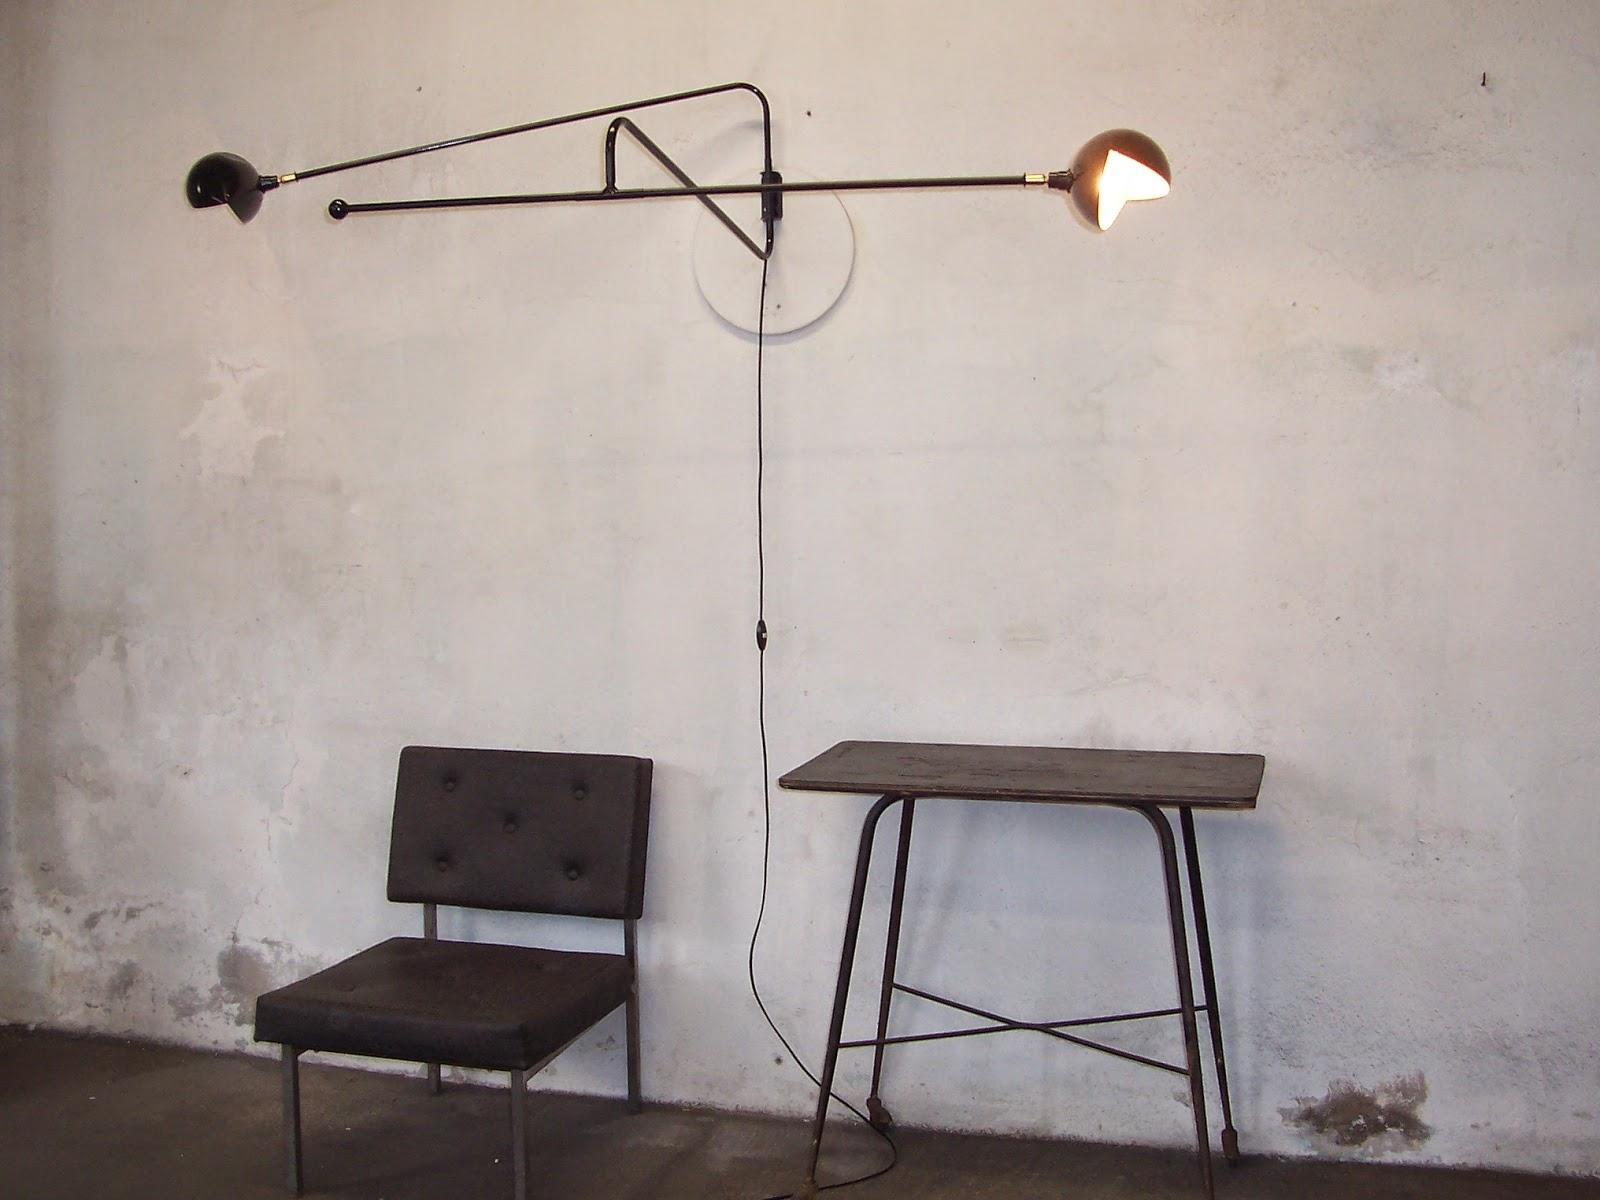 wall lights 2018 lampe potence applique m tal vintage design 1950 1. Black Bedroom Furniture Sets. Home Design Ideas